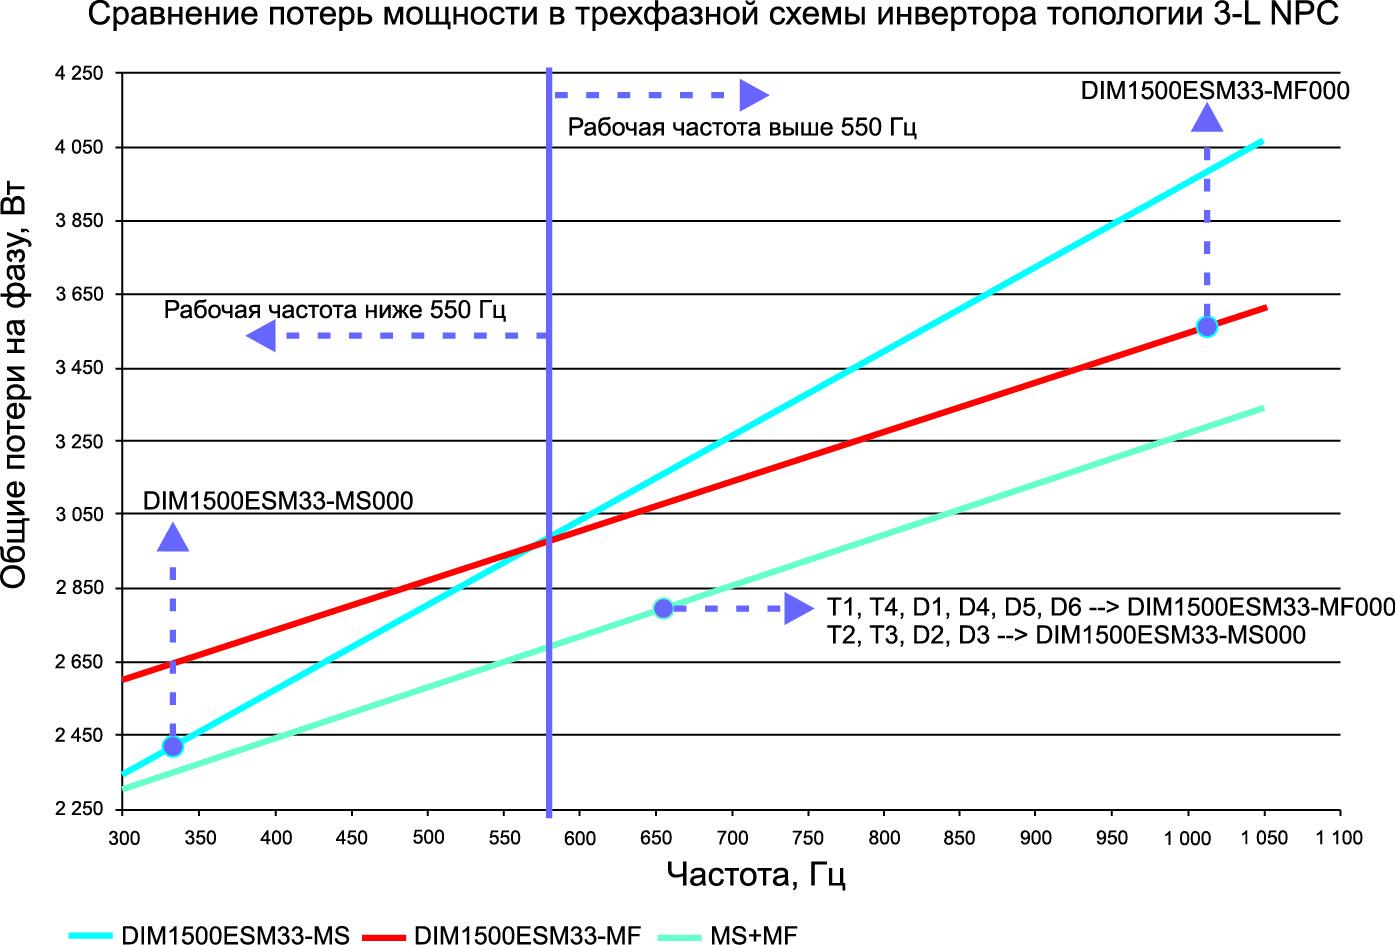 Сравнение потерь мощности на фазу в зависимости от рабочей частоты IGBT-модулей MS и MF и оптимизированное использование комбинации IGBT модулей MF + MS